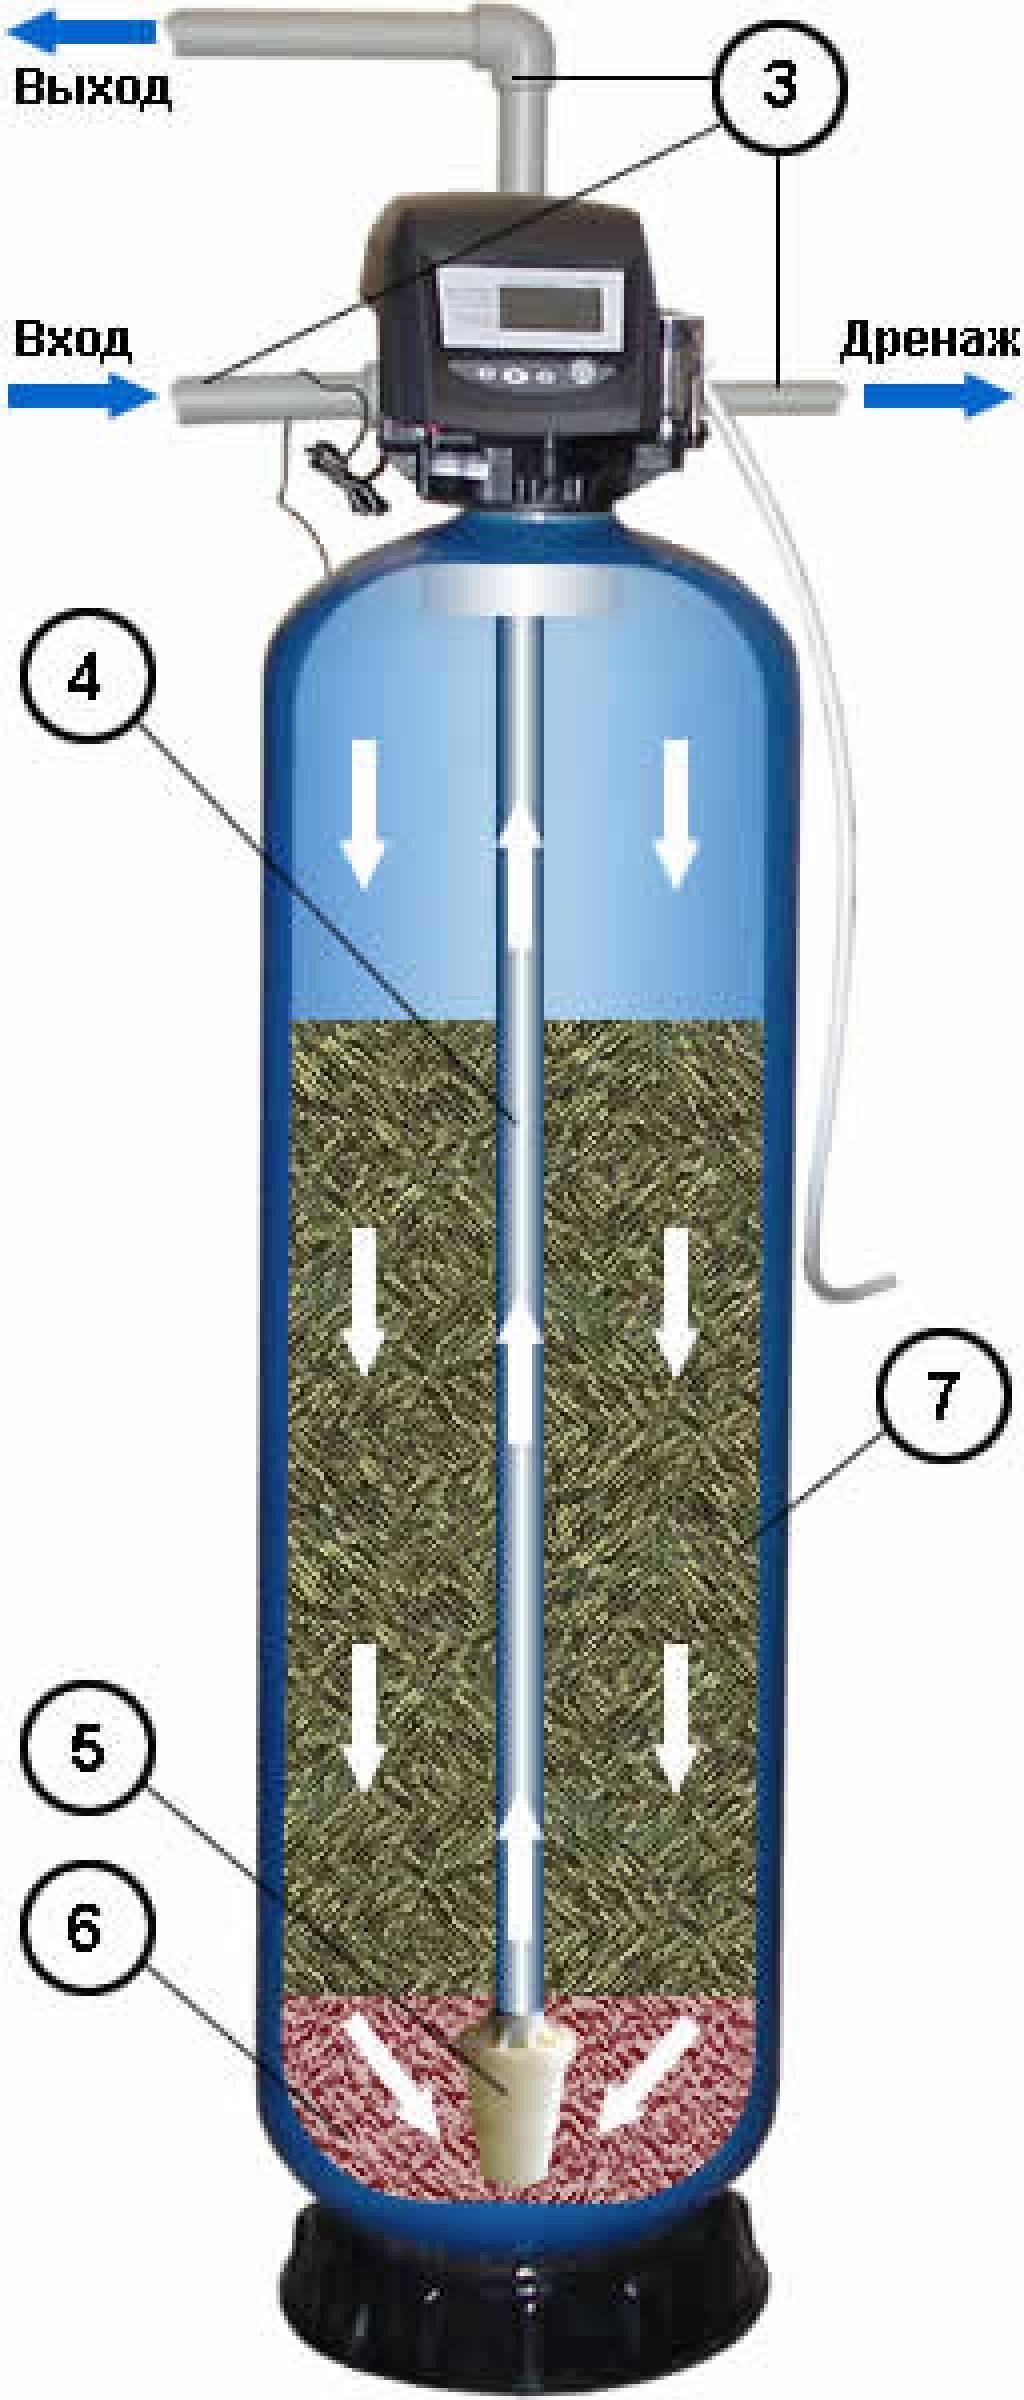 Фильтр для механической очистки воды: что это, выбираем лучший вариант устройства